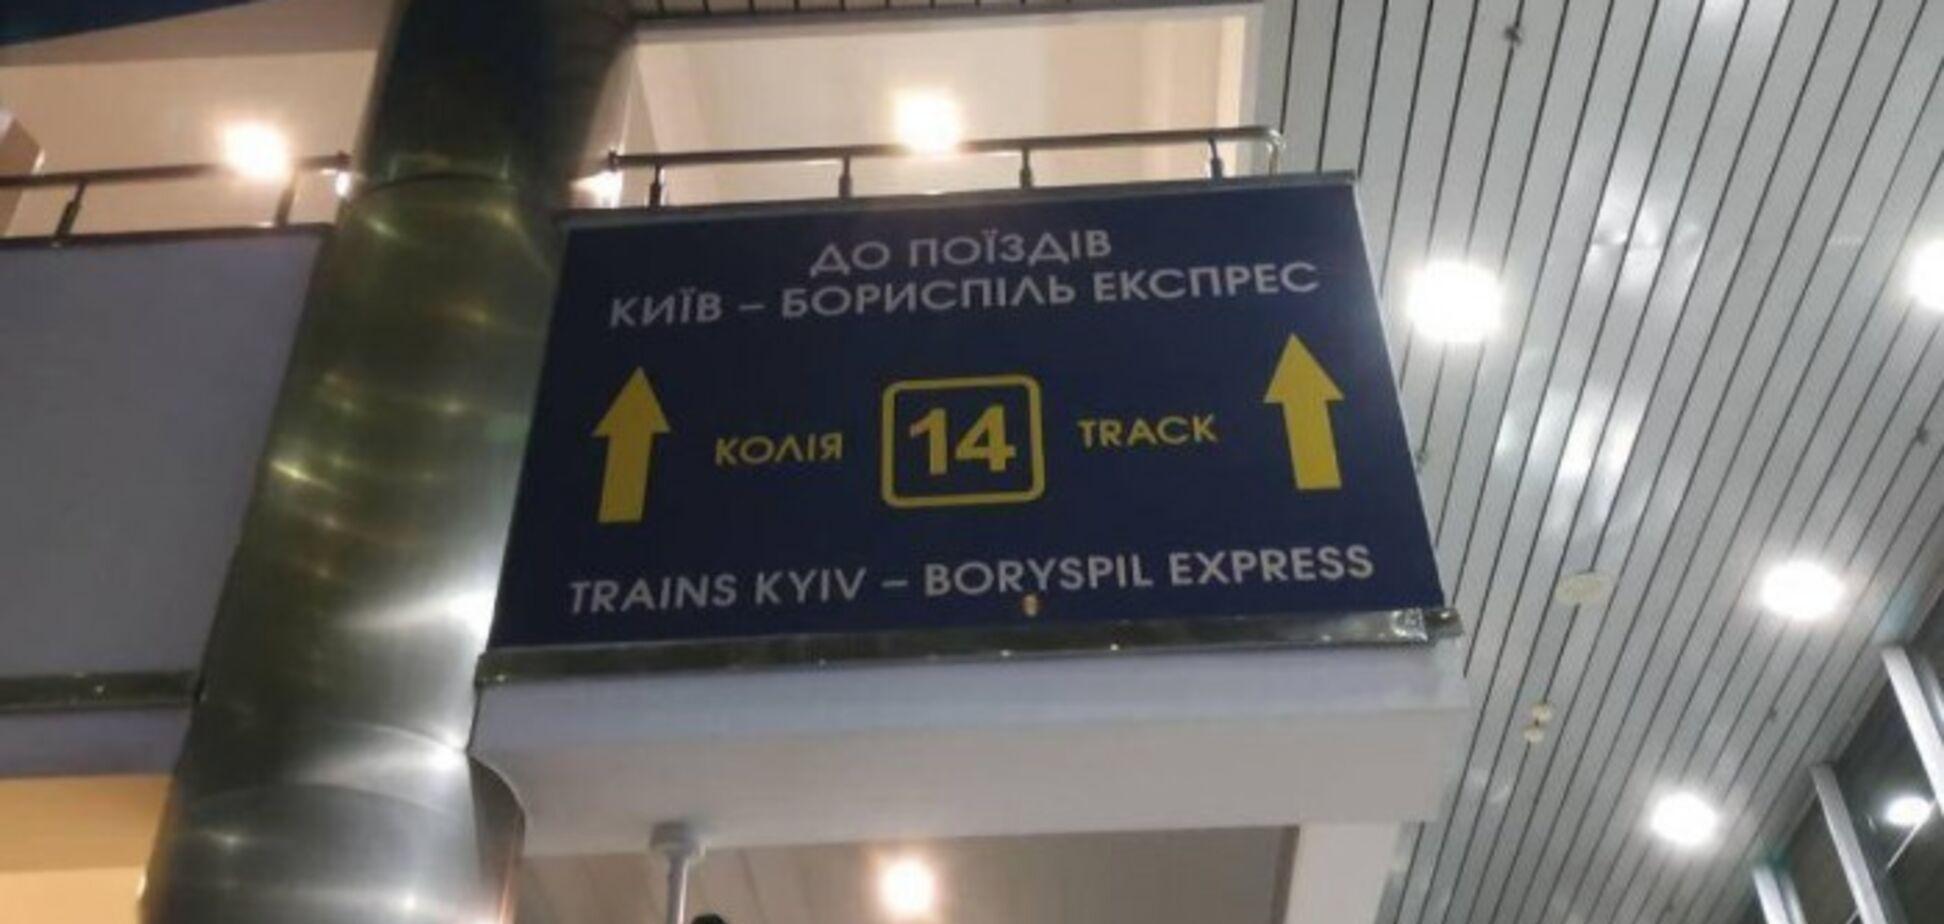 Експрес із Києва до ''Борисполя'': оприлюднений новий розклад